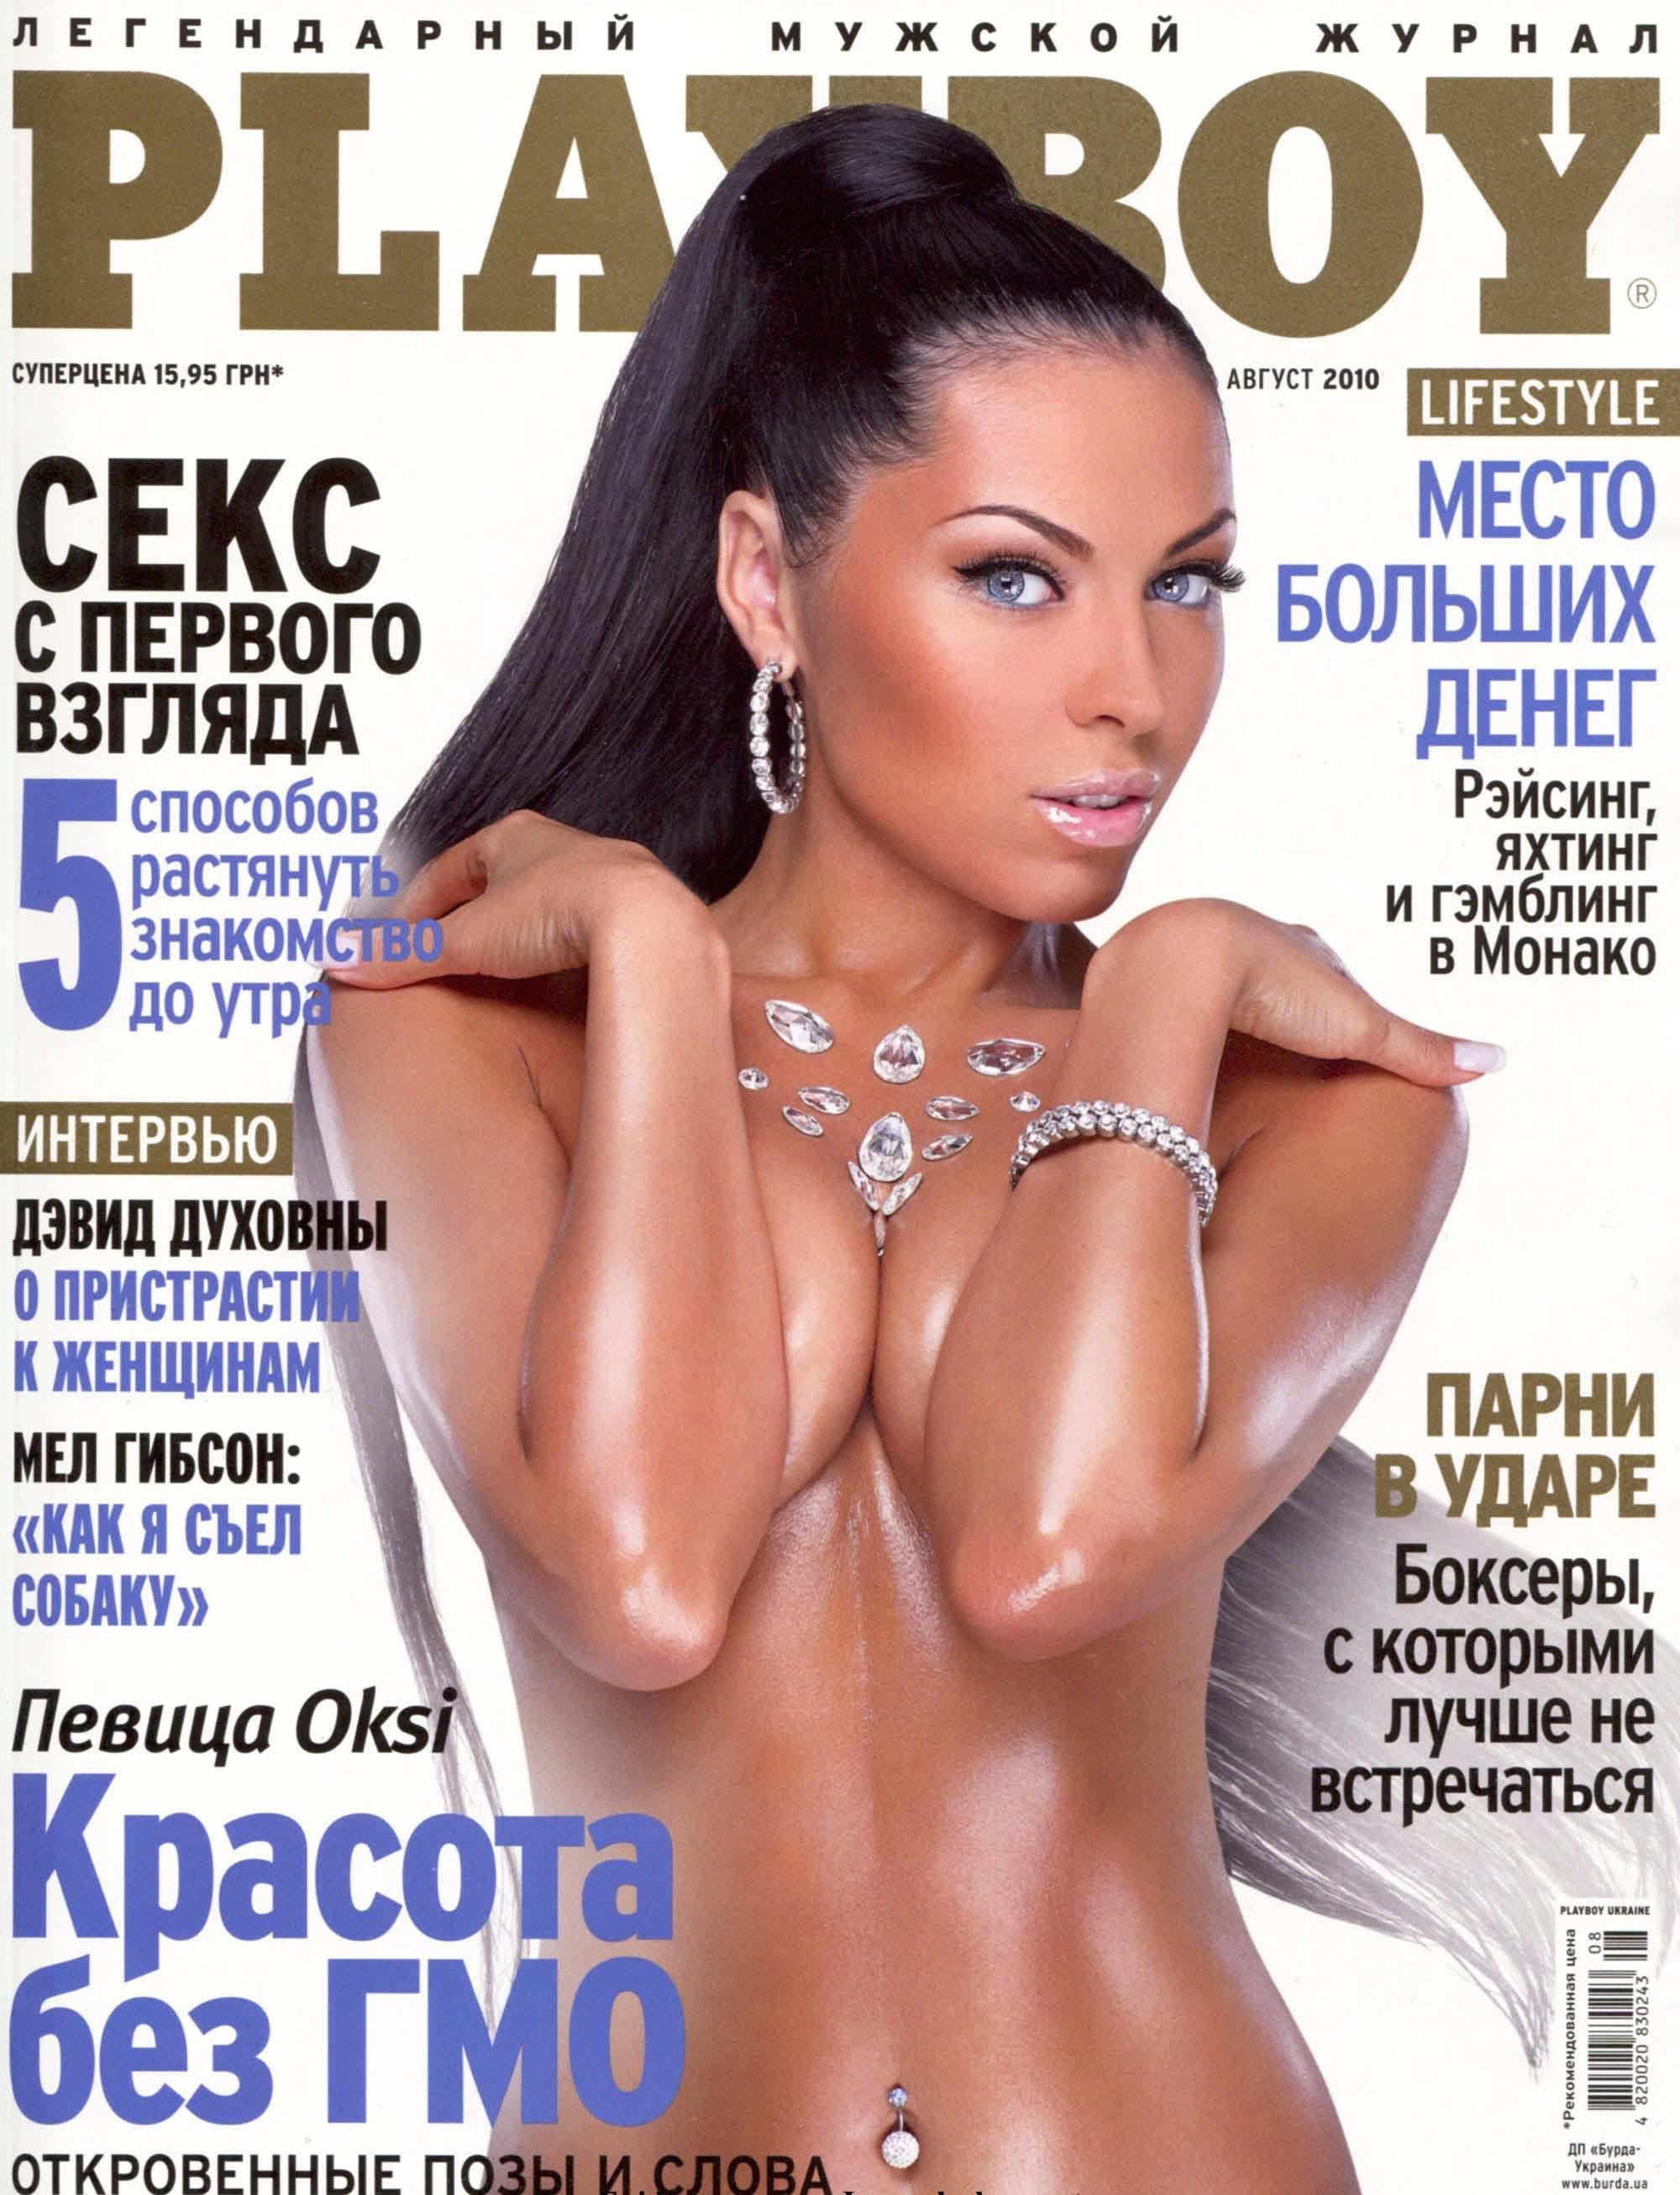 Видеоролики эротических журналов, пьянка на хате русские секс